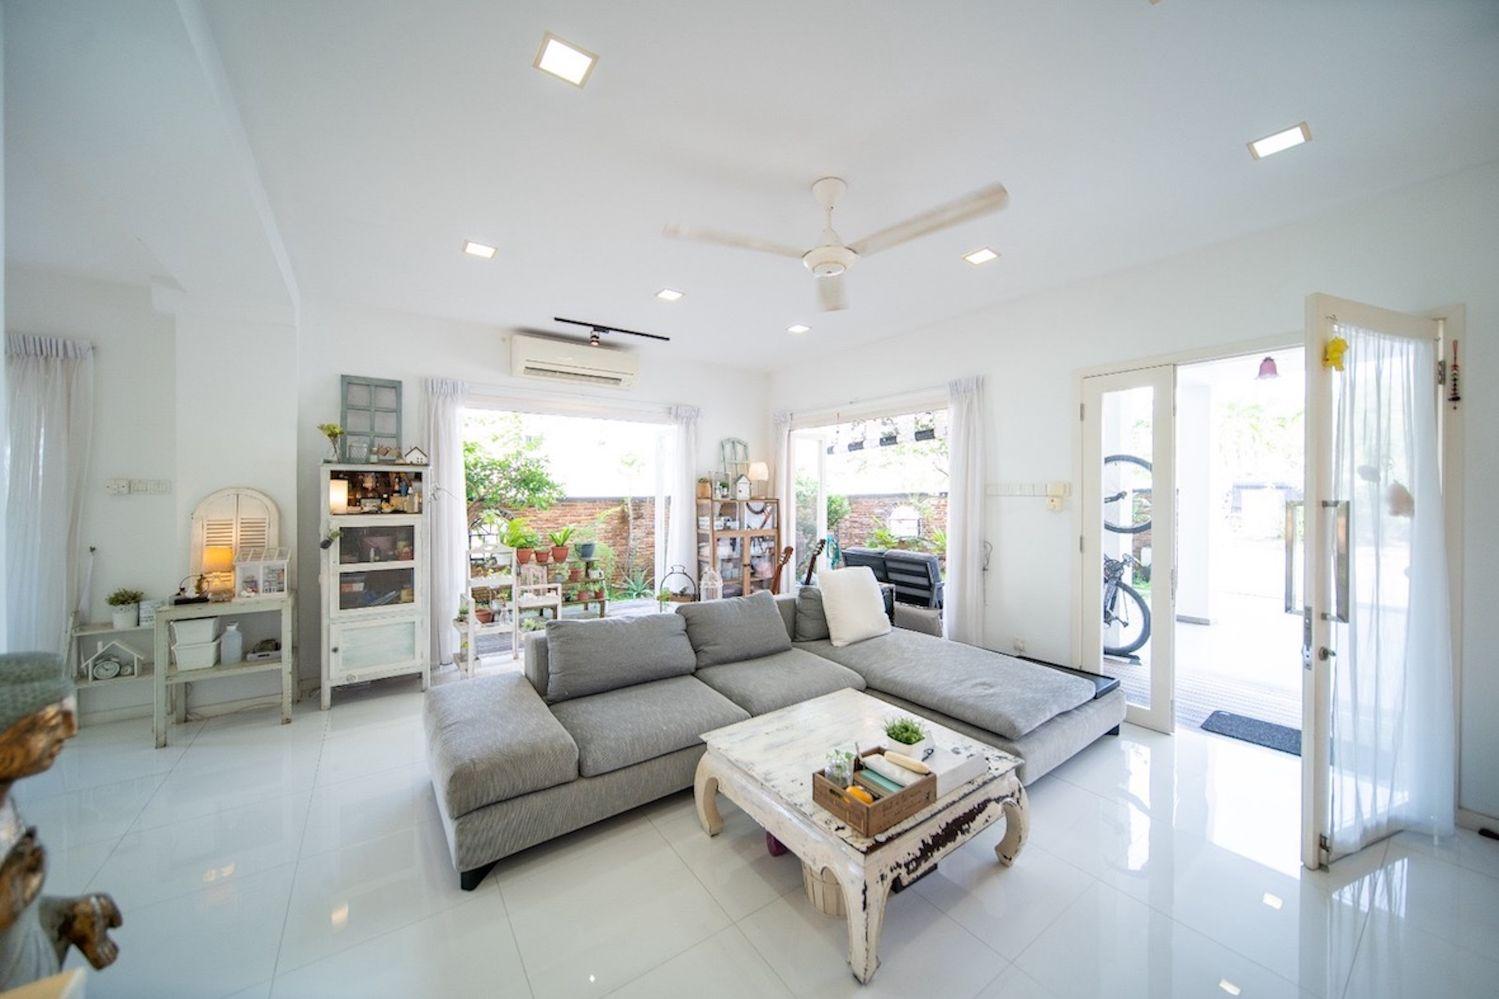 Parbury Avenue - EDGEPROP SINGAPORE